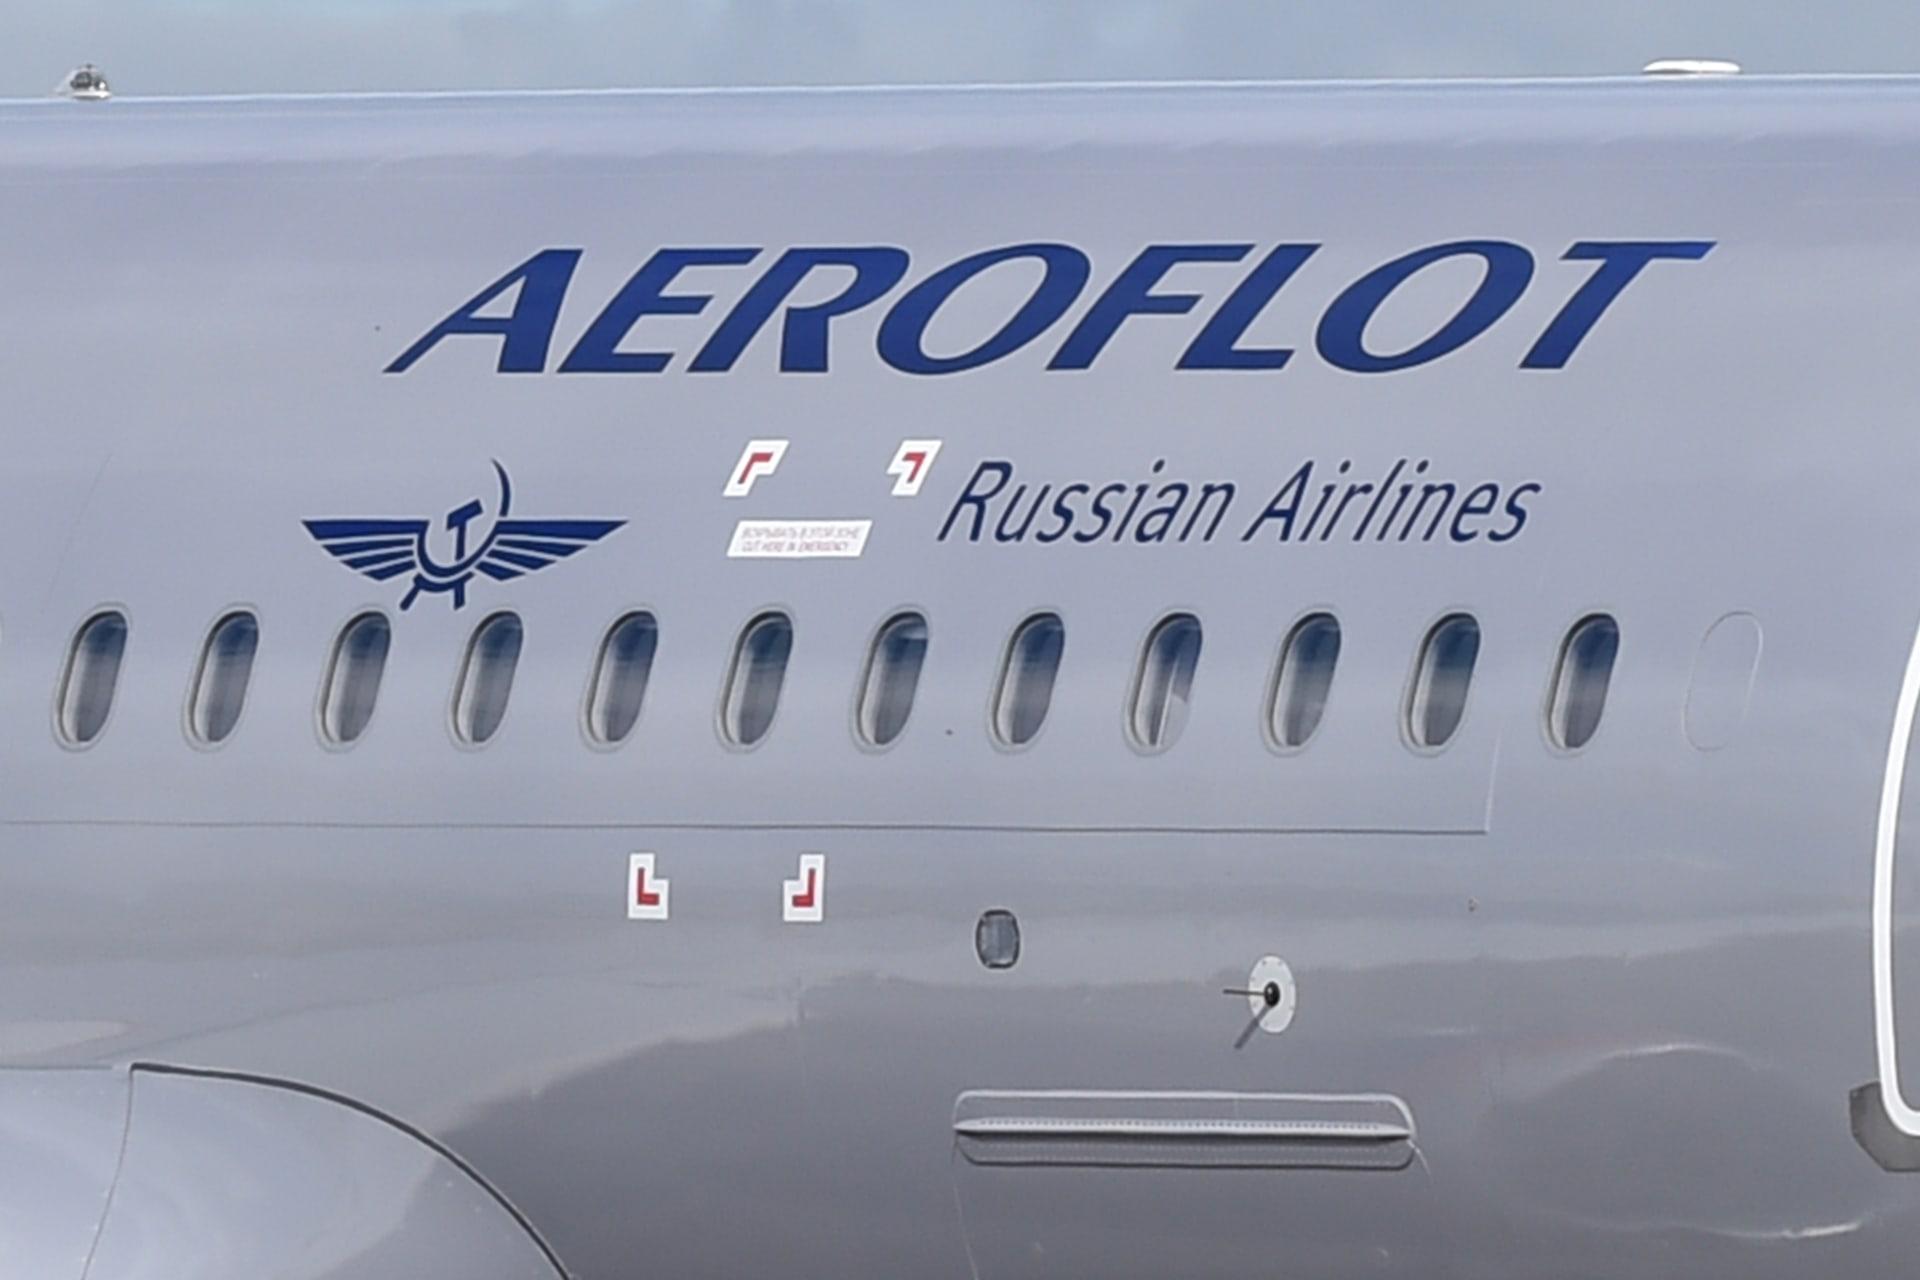 حُرم من برنامج الولاء وأمياله الجوية..راكب يهرّب قطة سمينة على متن طائرة روسية